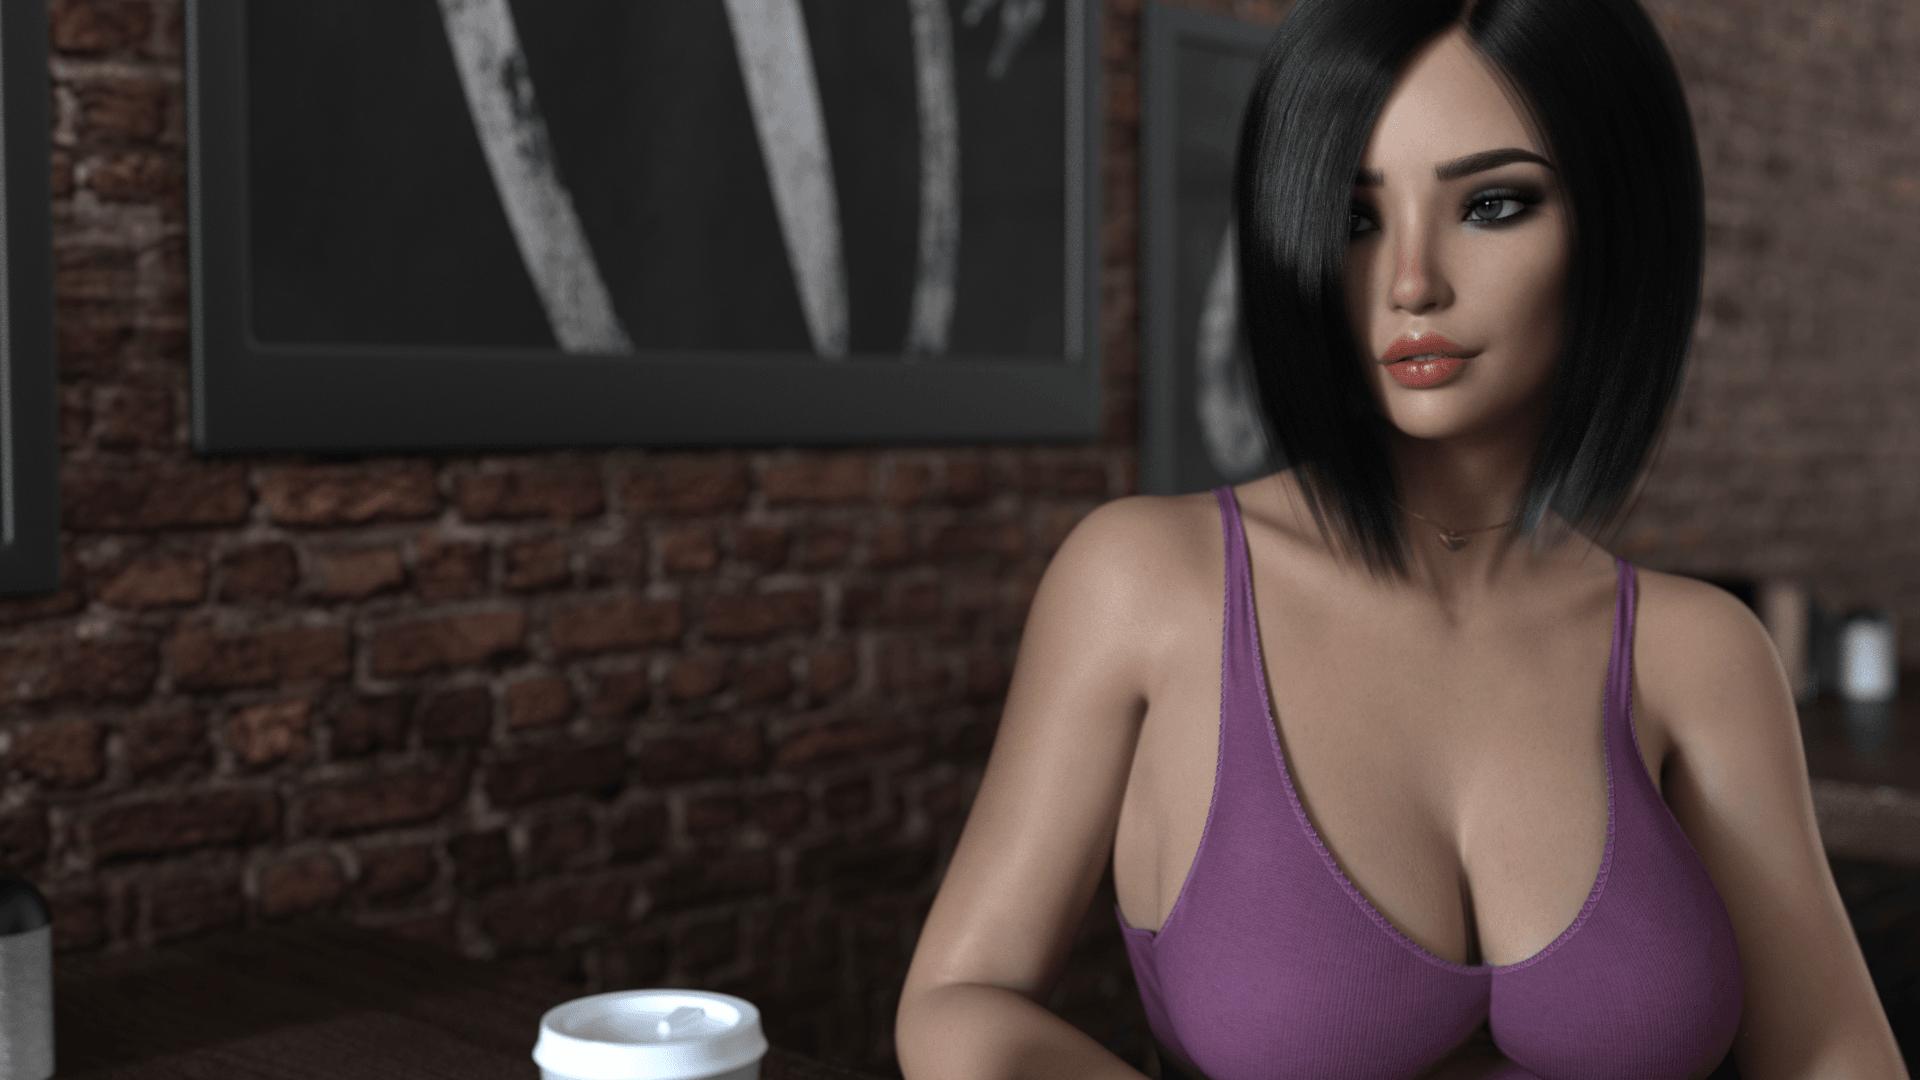 Porn star siri dahl on why onlyfans is